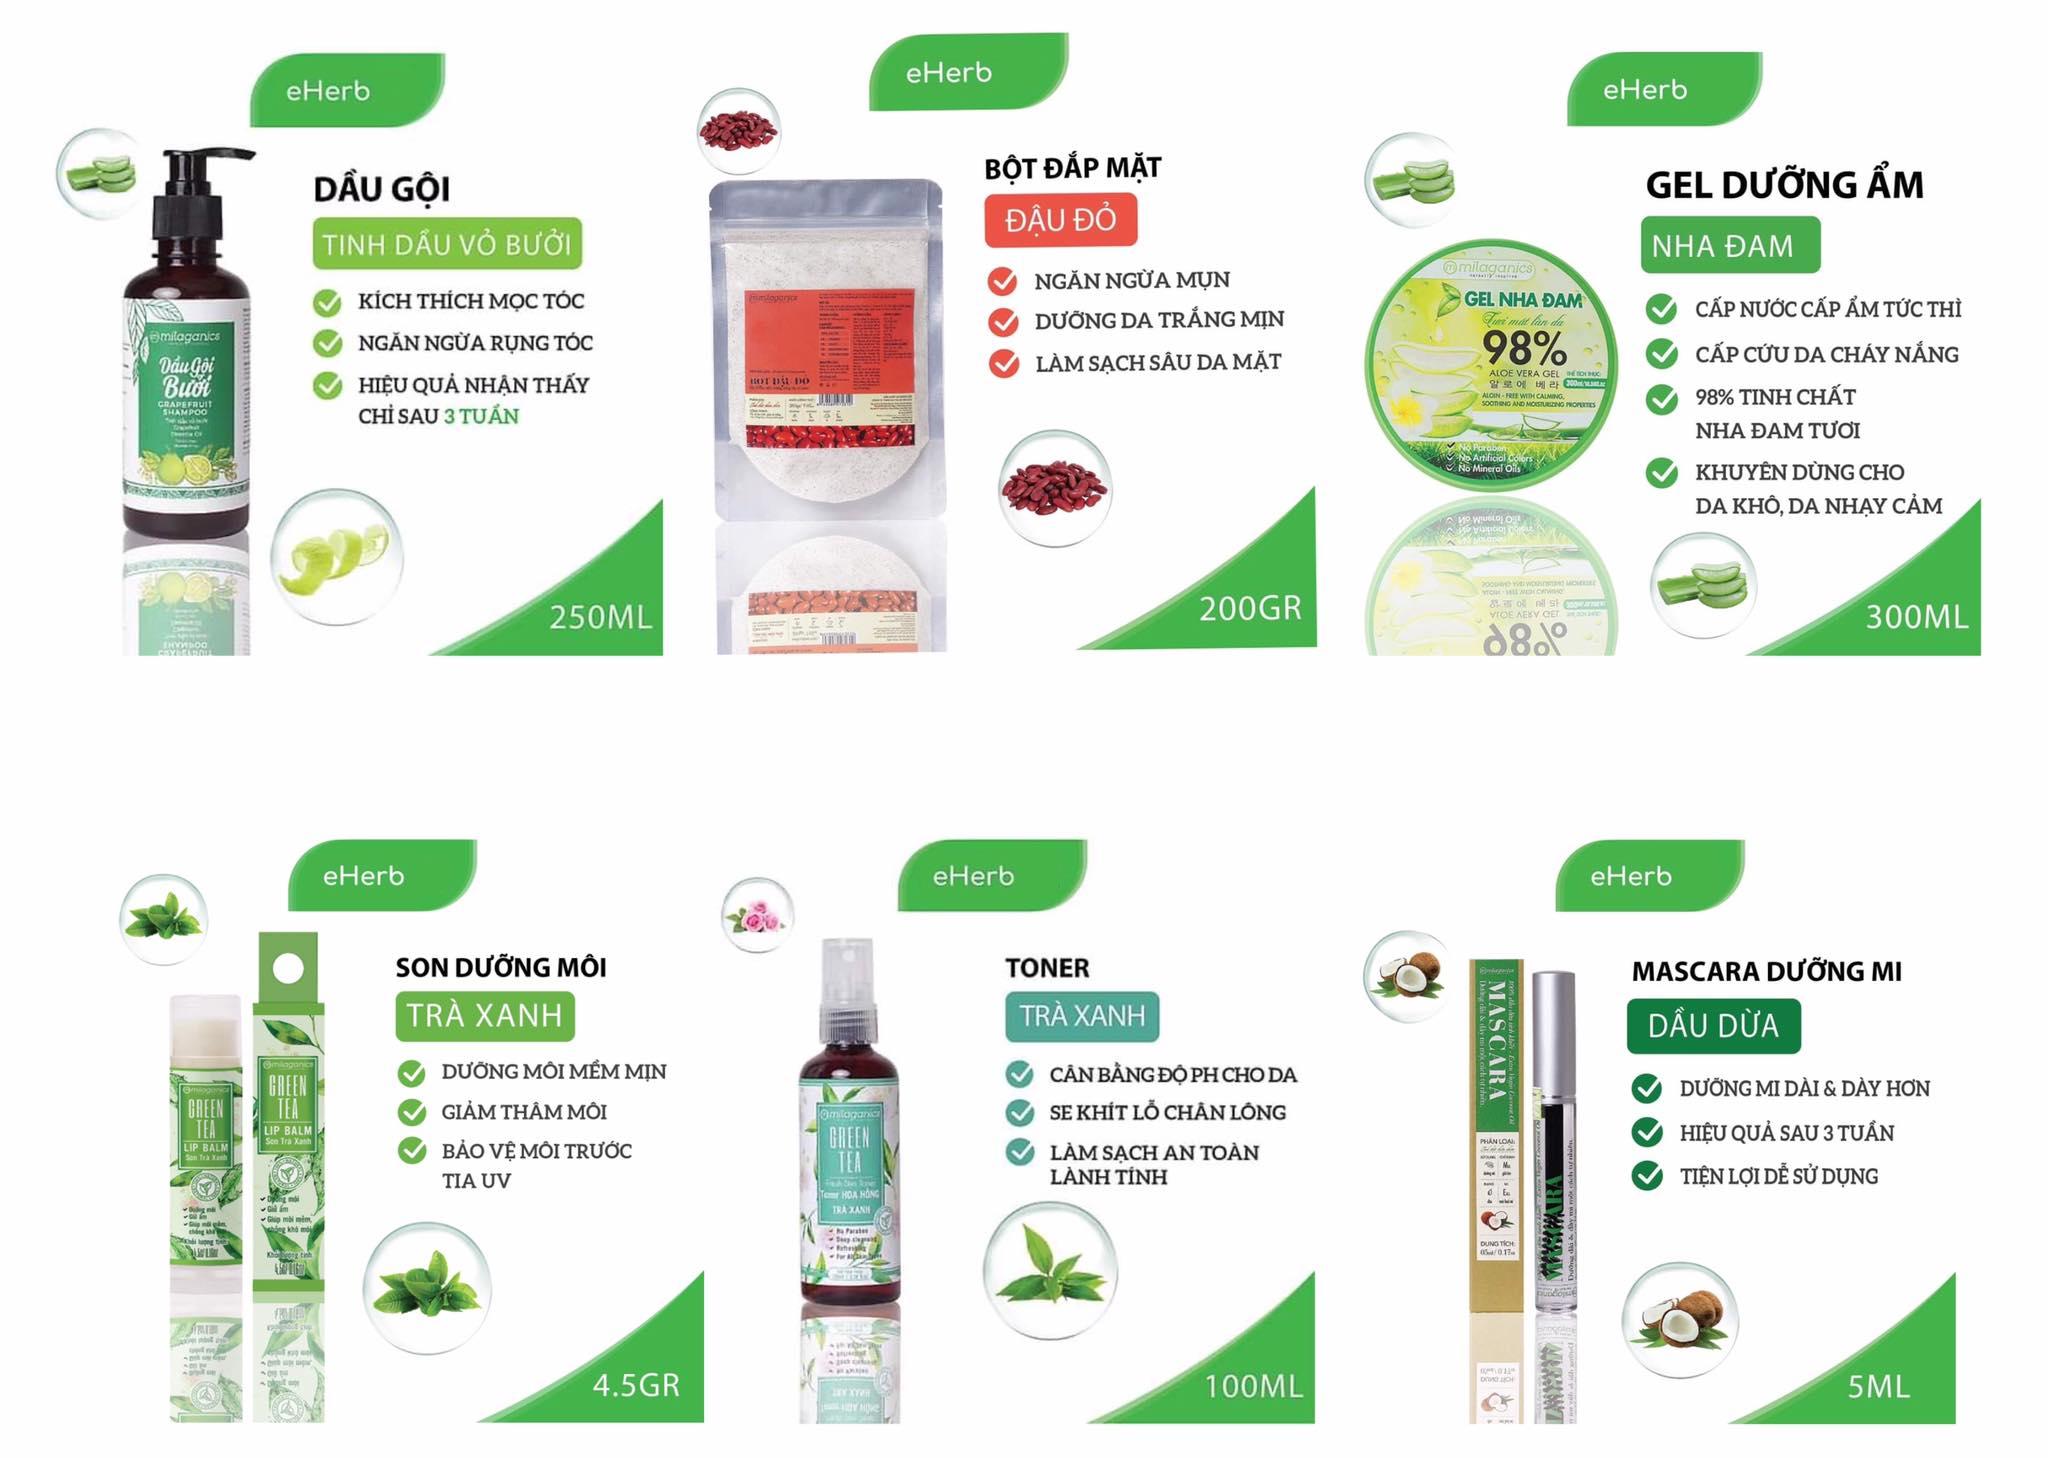 Một số sản phẩm của eHerb Việt Nam.